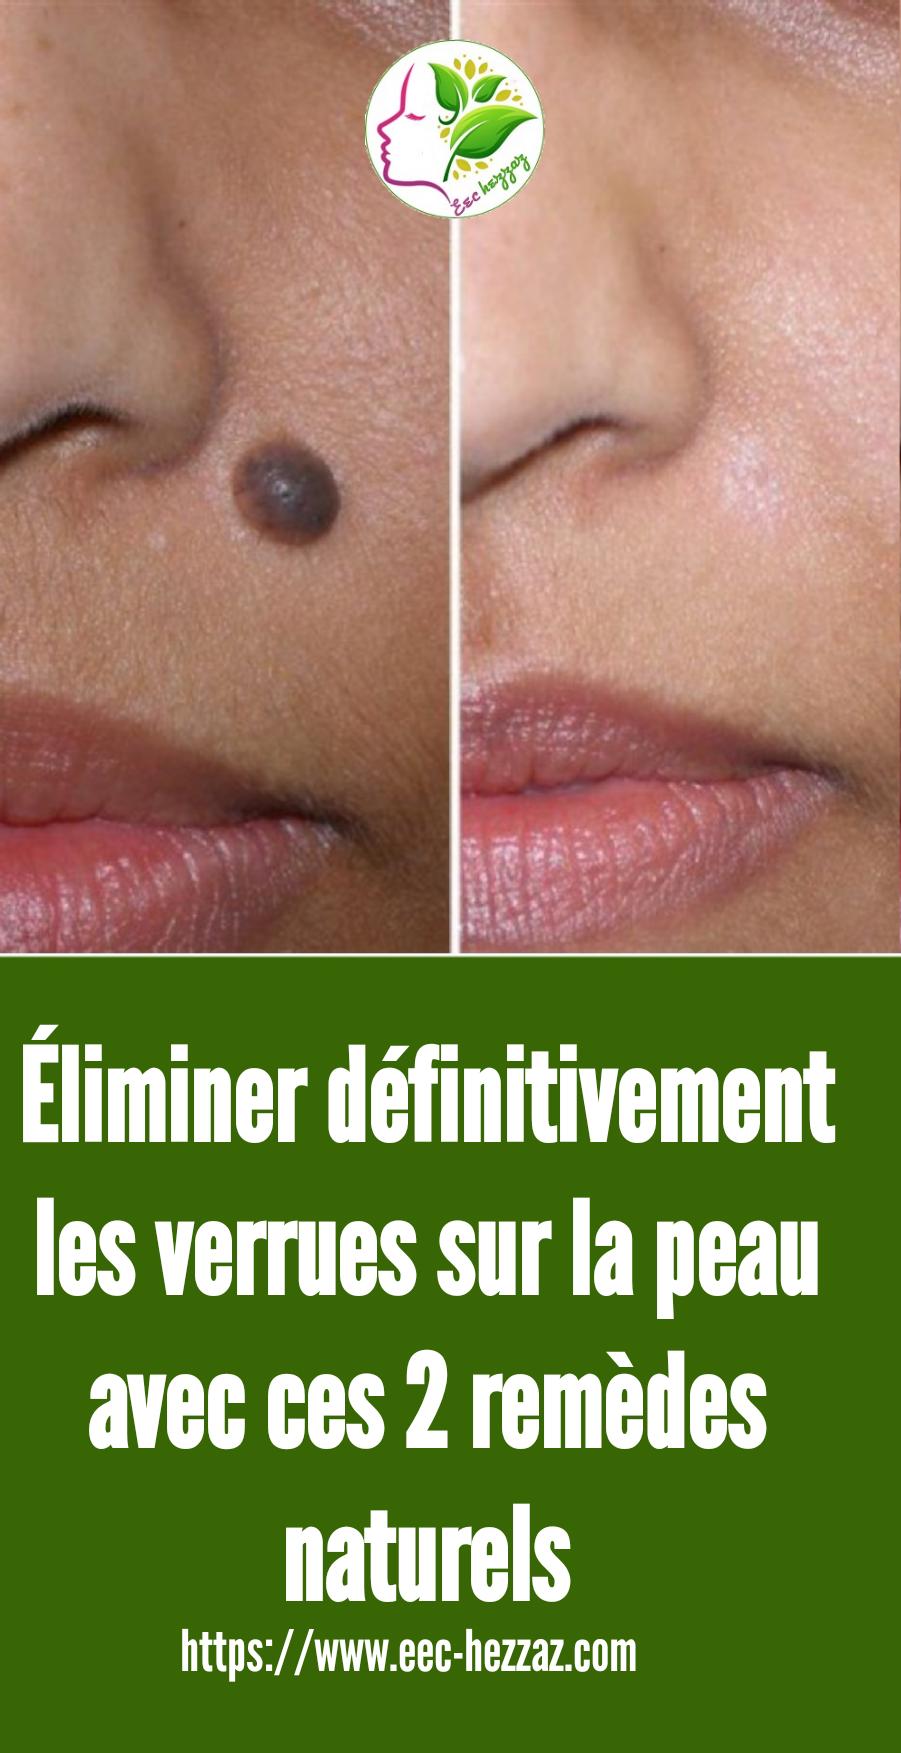 Éliminer définitivement les verrues sur la peau avec ces 2 remèdes naturels